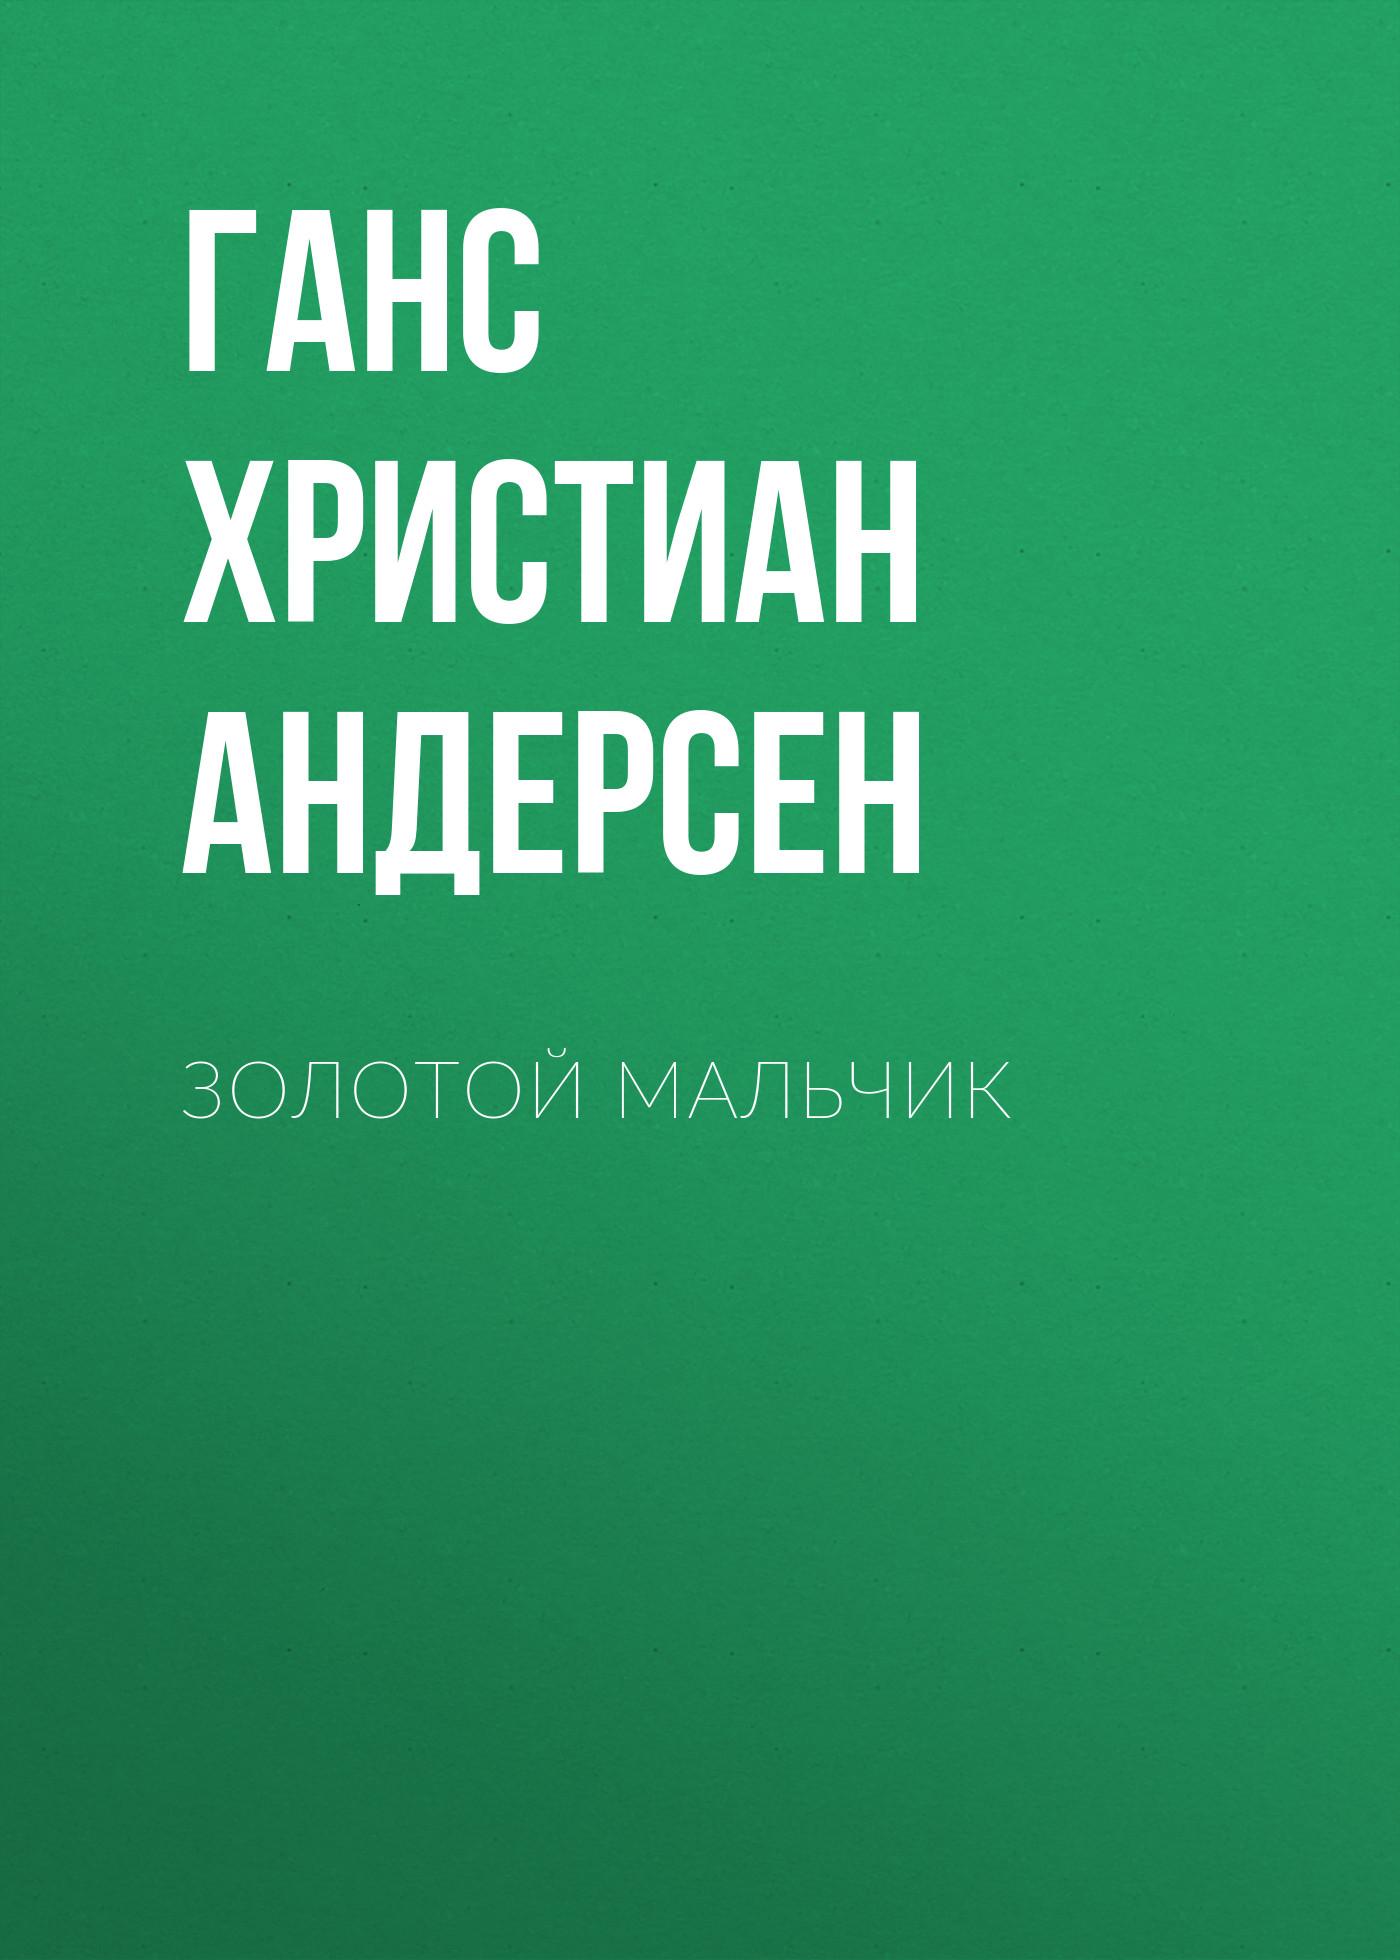 zolotoy malchik